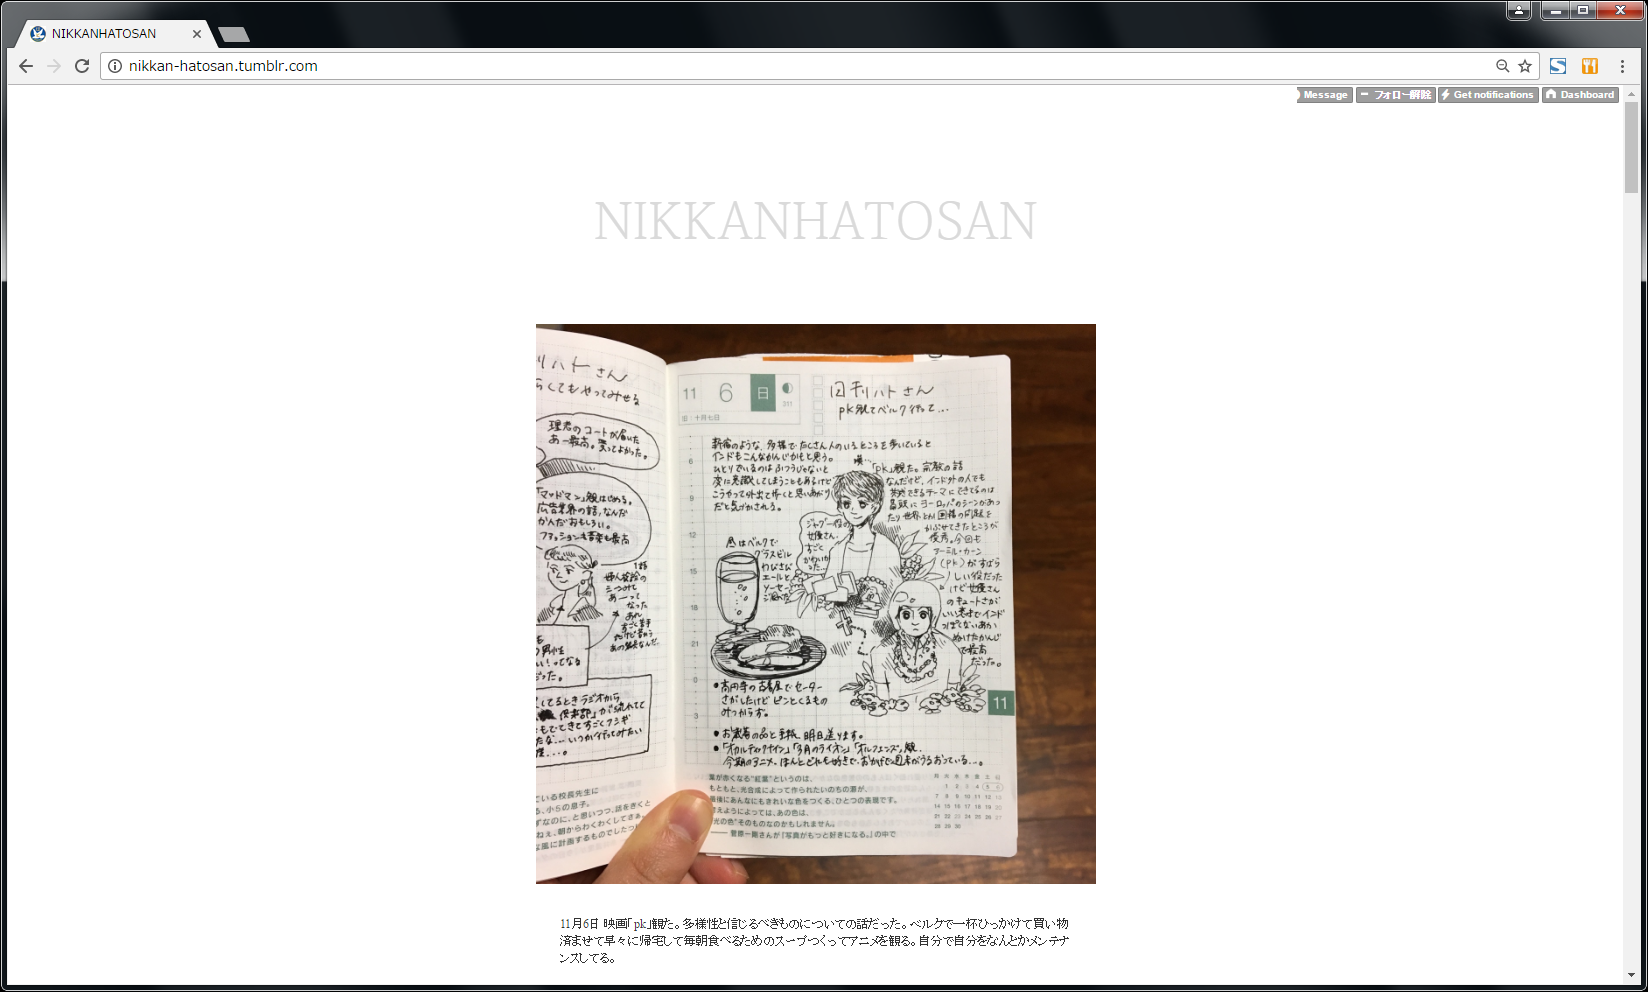 ちょれが絵日記を公開するサイト「日刊ハトさん」。